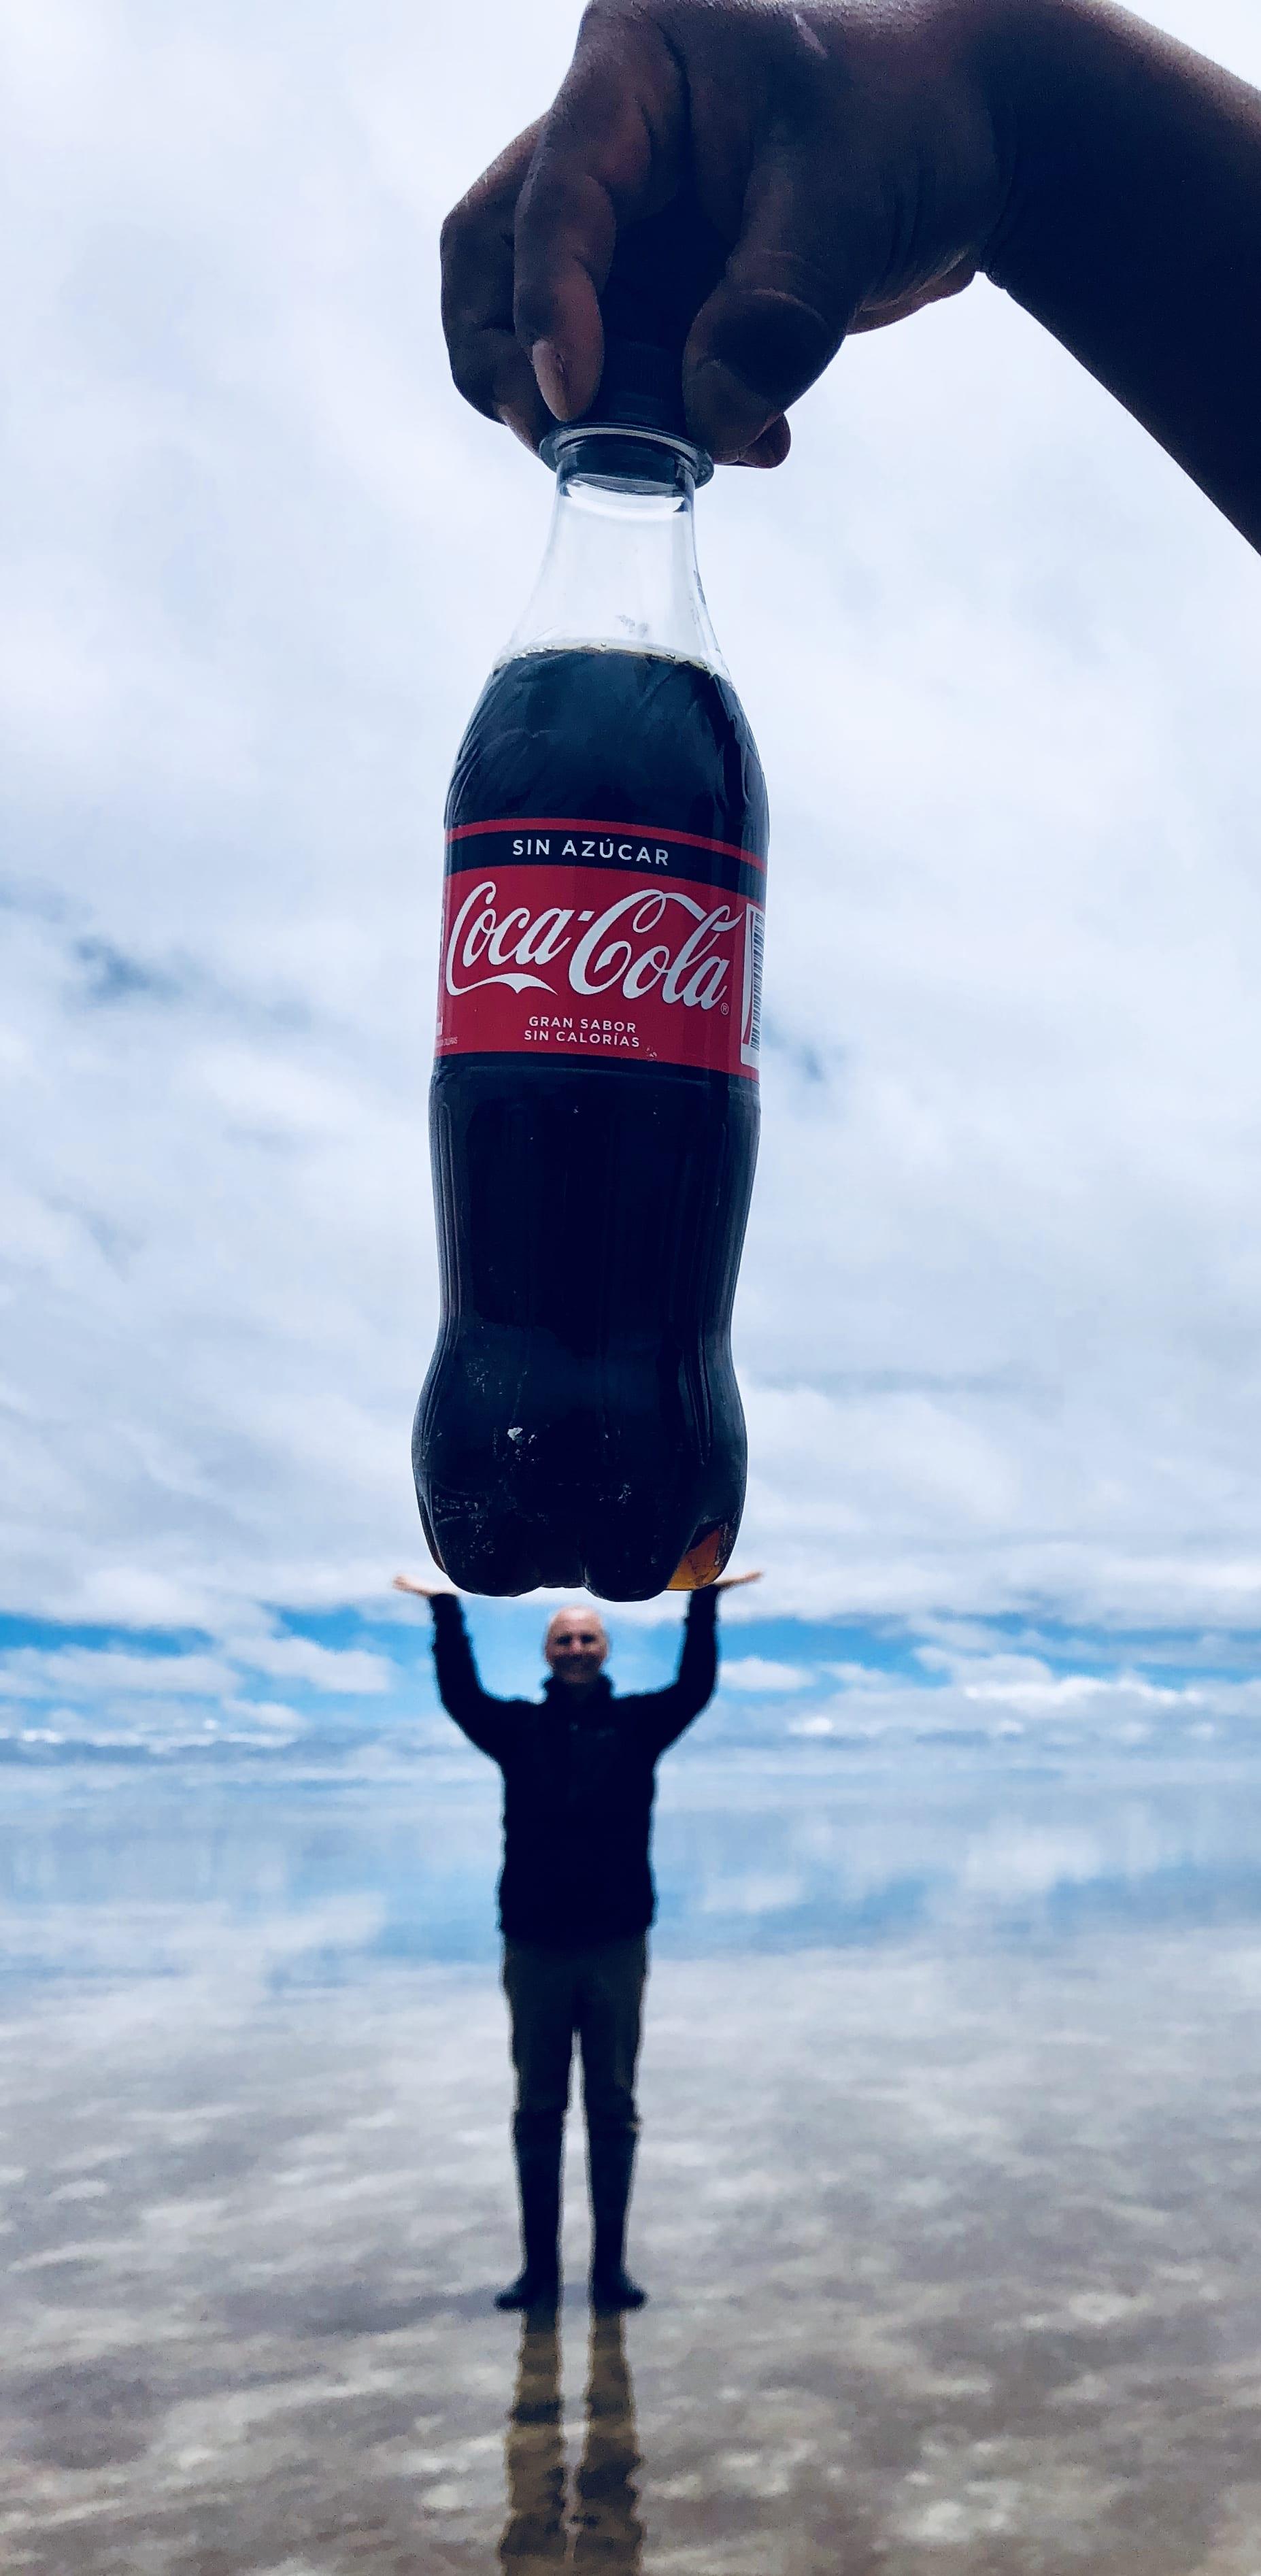 Phil holding Coke Bottle - Best